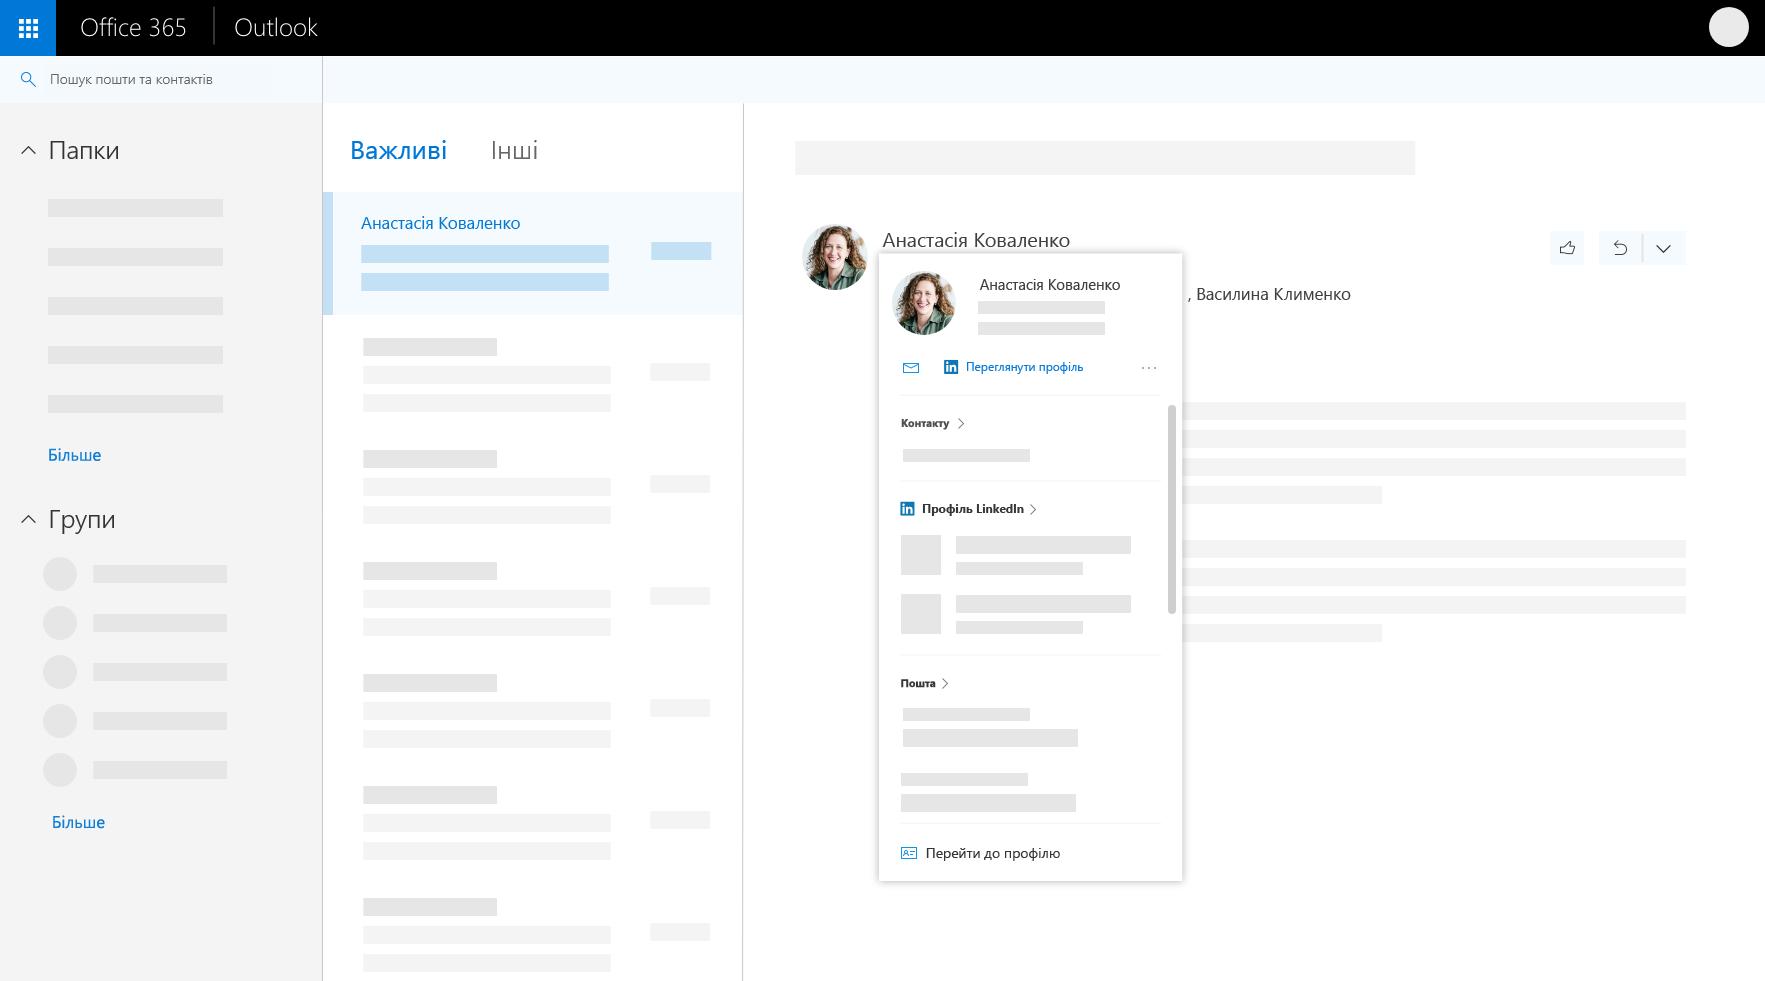 Картка профіль у програмі Outlook в Інтернеті